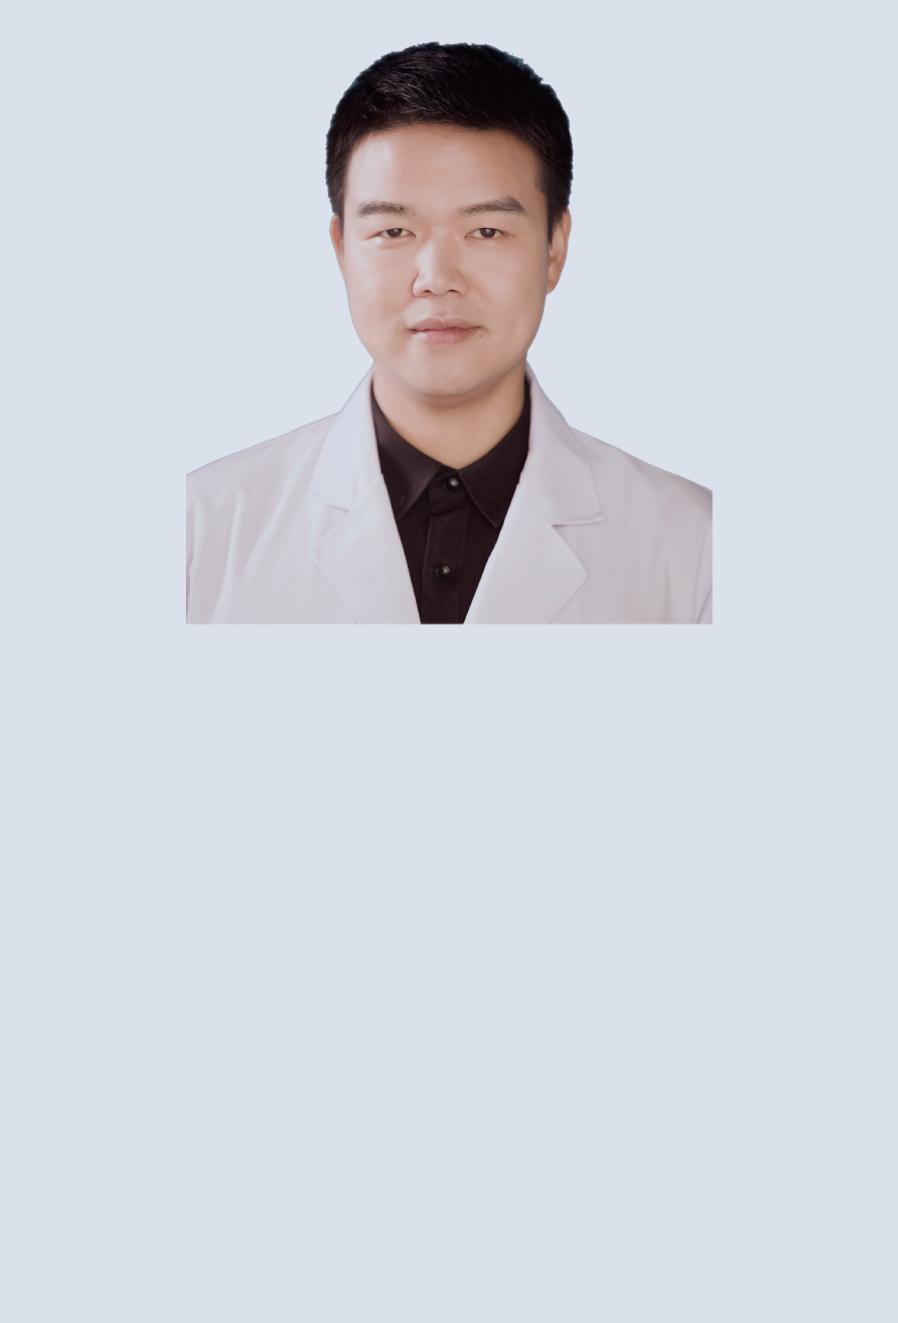 郭锡汉 博士